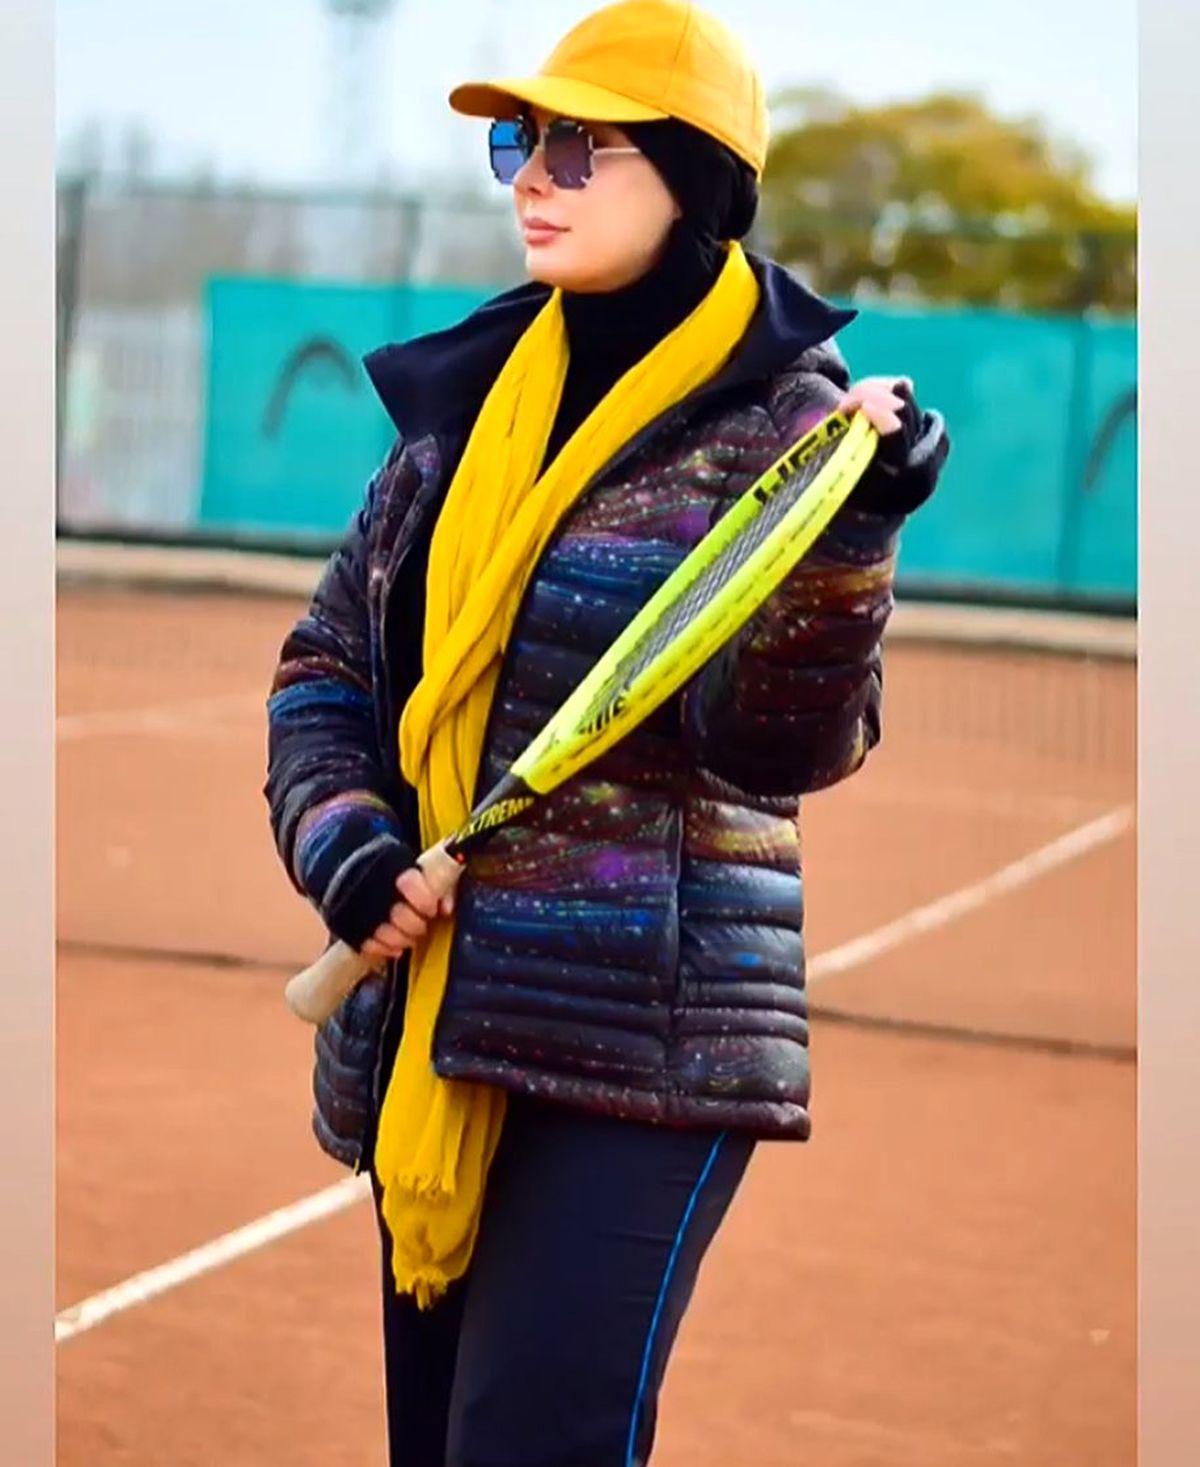 ورزش لاکچری نیوشا ضیغمی + عکس